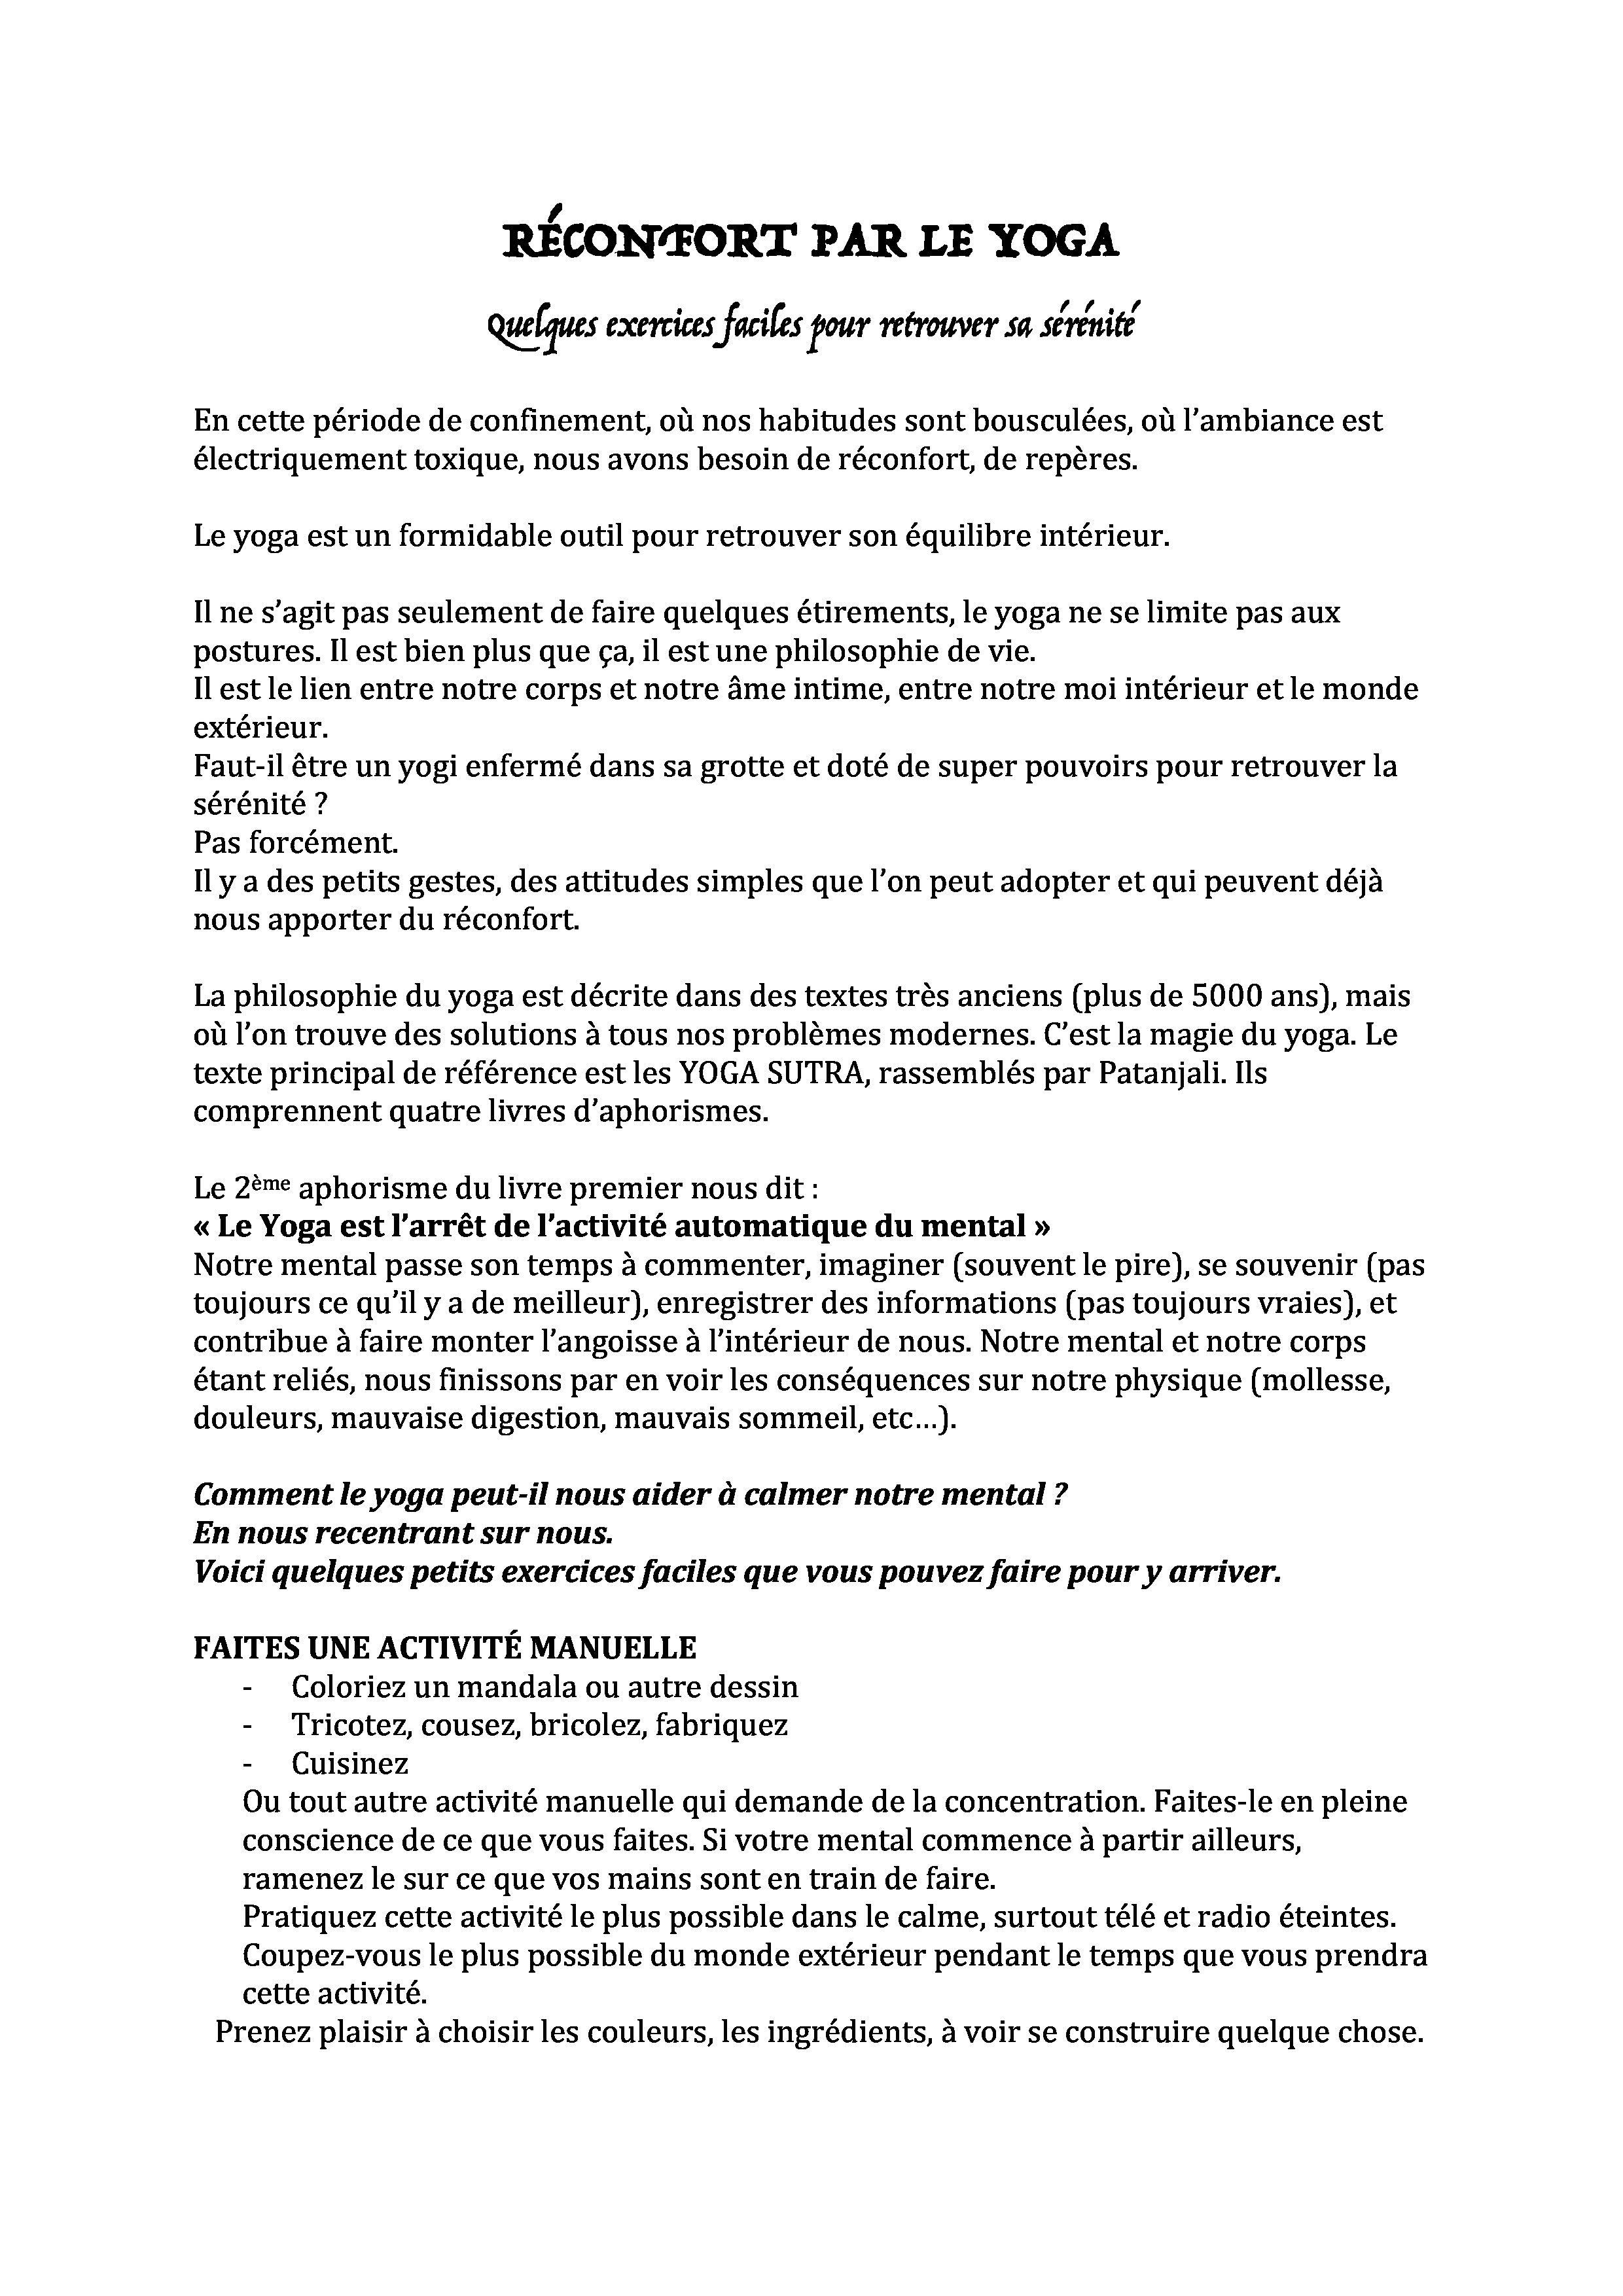 RÉCONFORT PAR LE YOGA-page-0.jpg